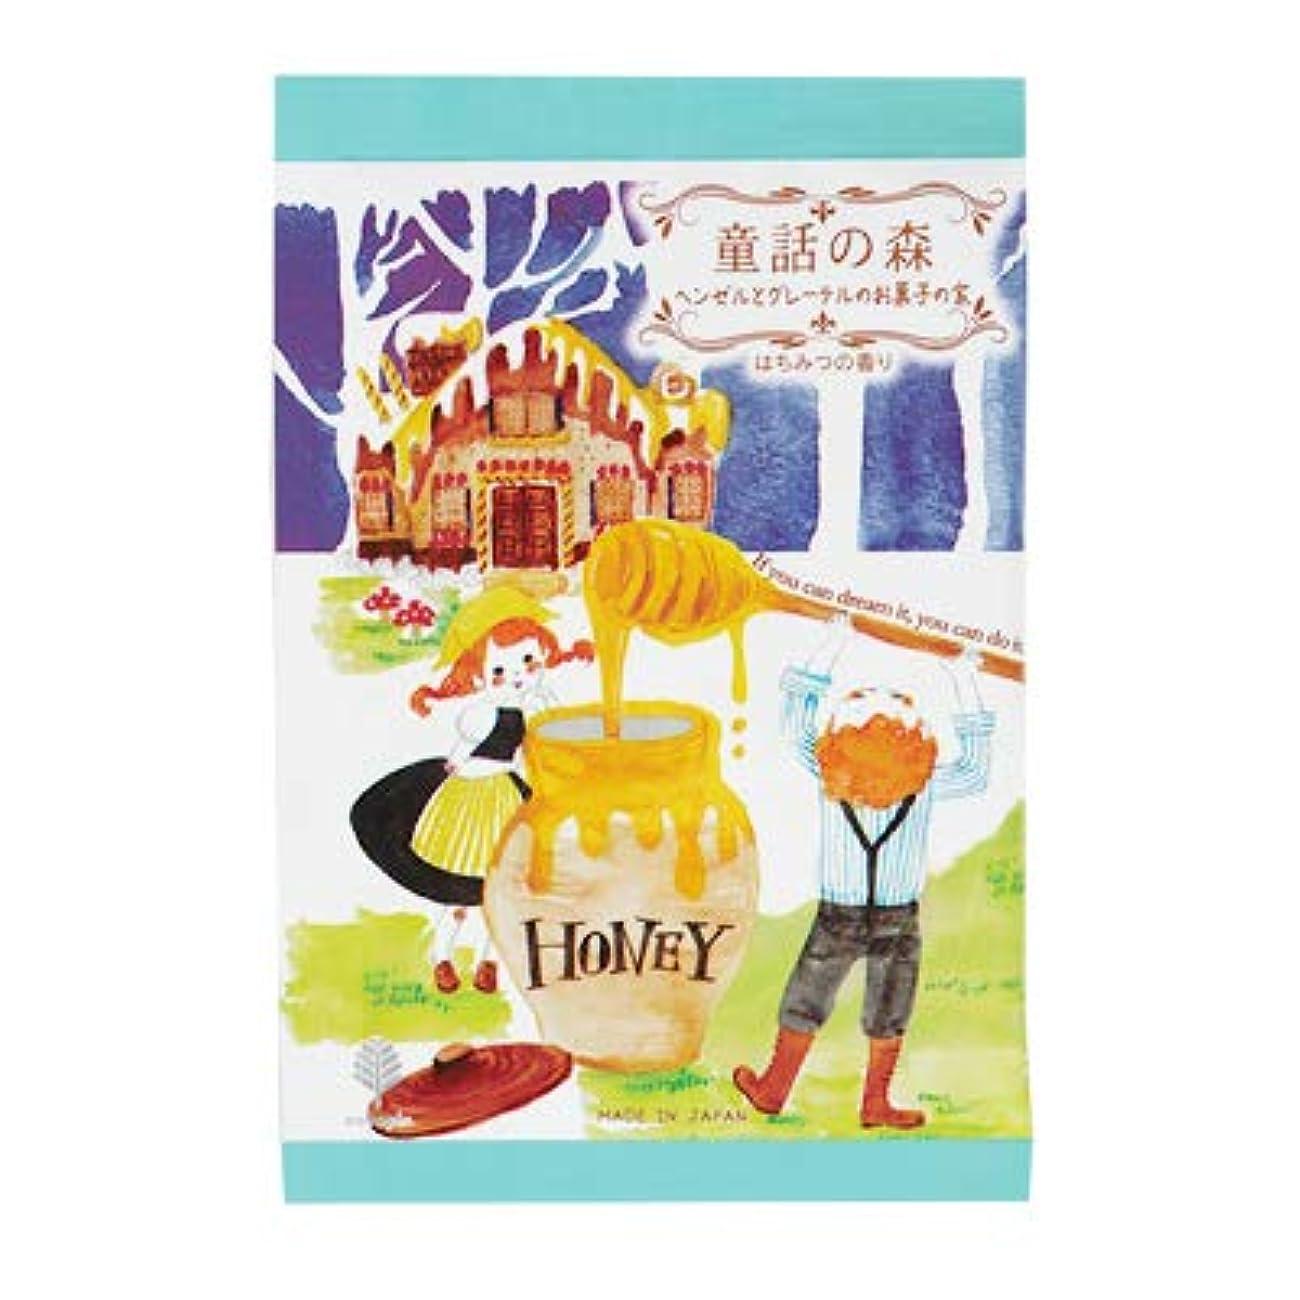 動機インペリアル意気消沈した【まとめ買い3個セット】 童話の森 ヘンゼルとグレーテルのお菓子の家